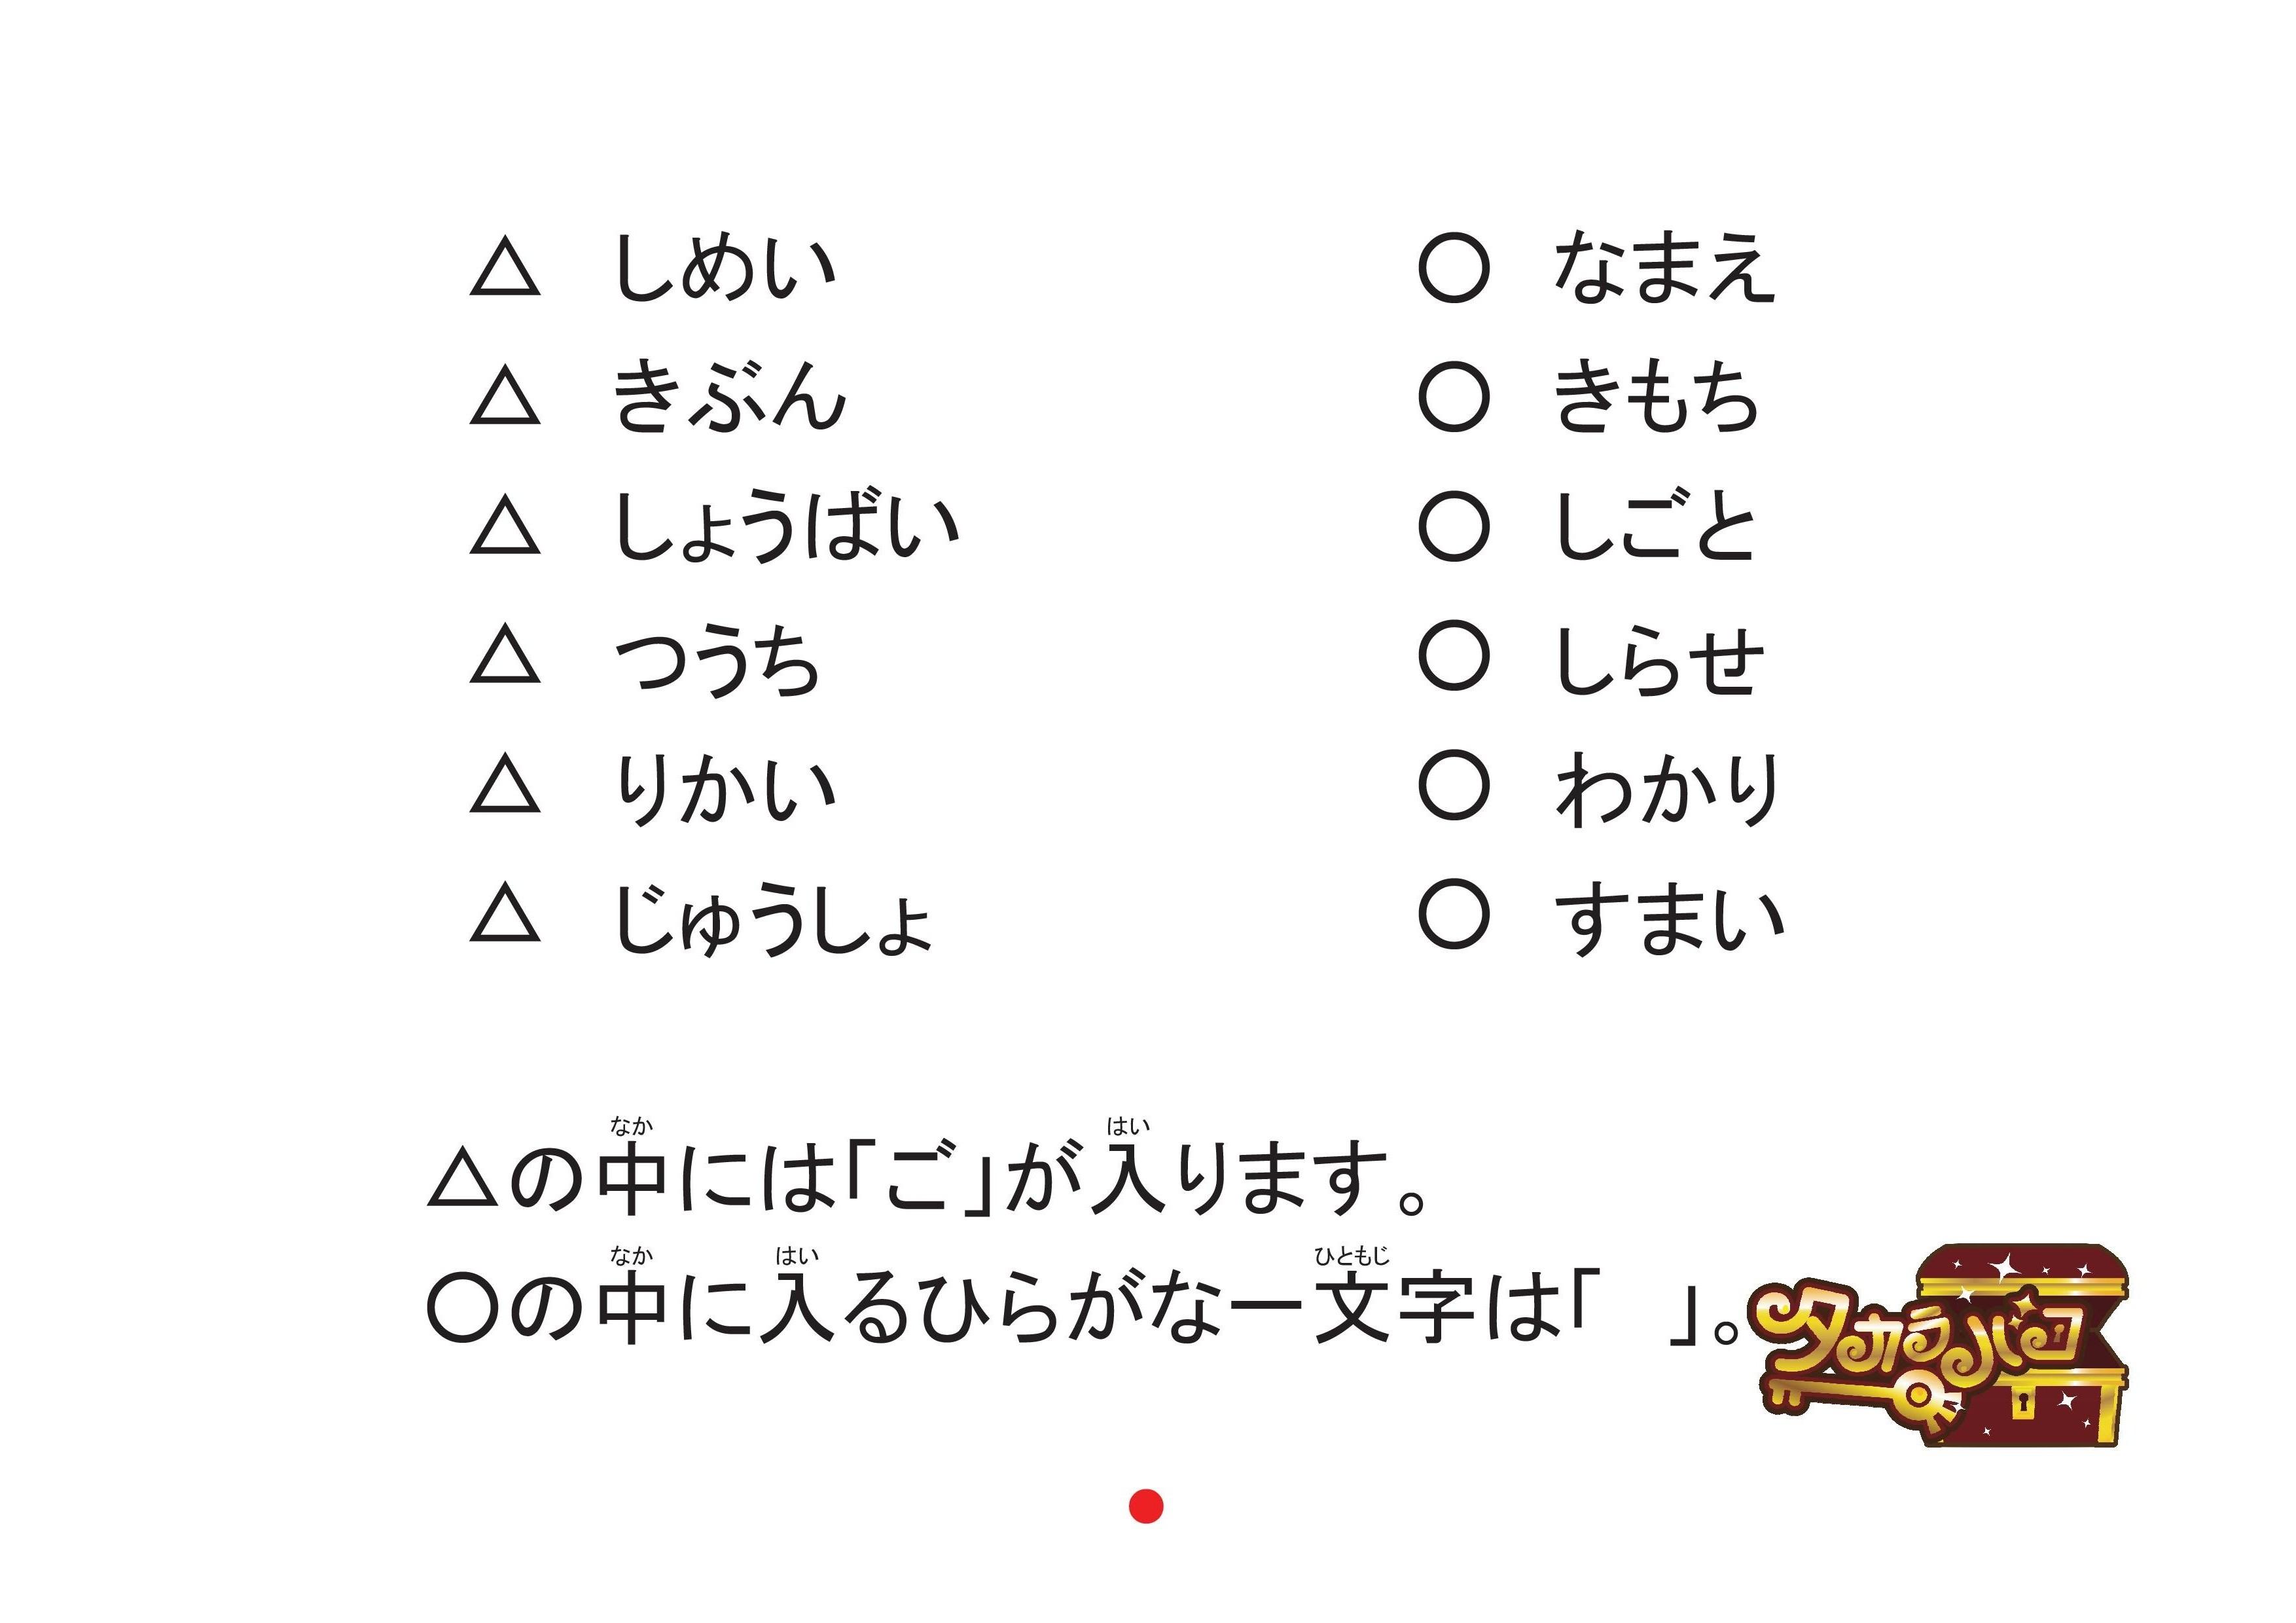 おみや002-005